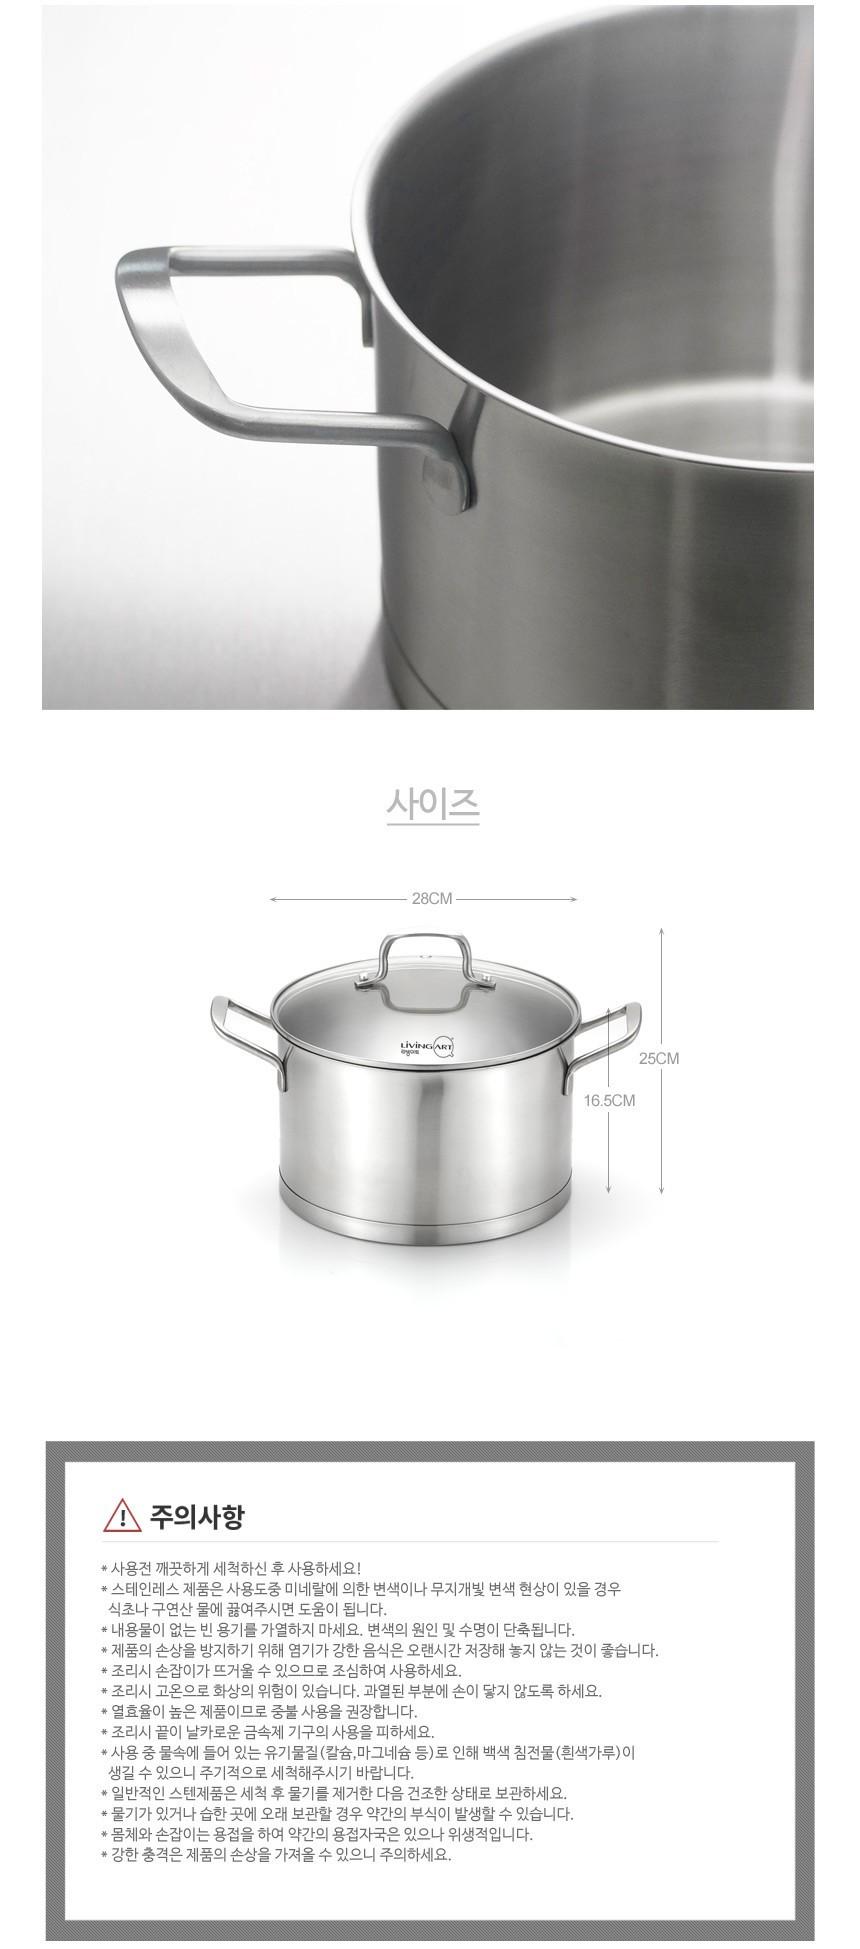 리빙아트  에센셜 IH 스텐 곰솥냄비 28cm - 토토리빙, 39,500원, 냄비, 스테인레스 냄비